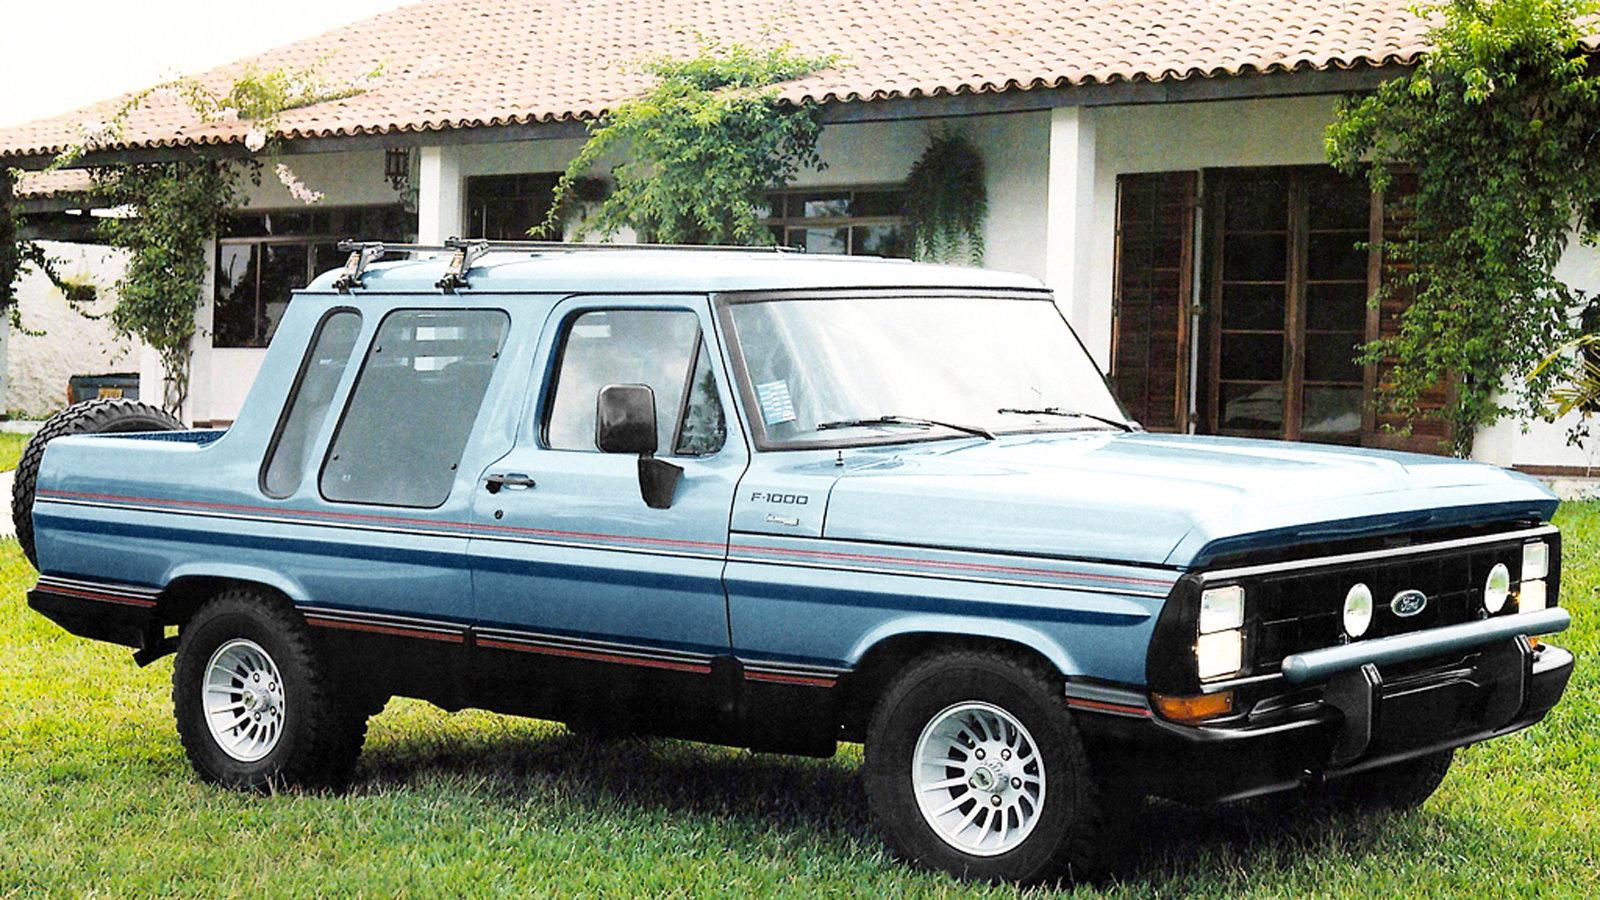 Ford F-1000 - Brazil